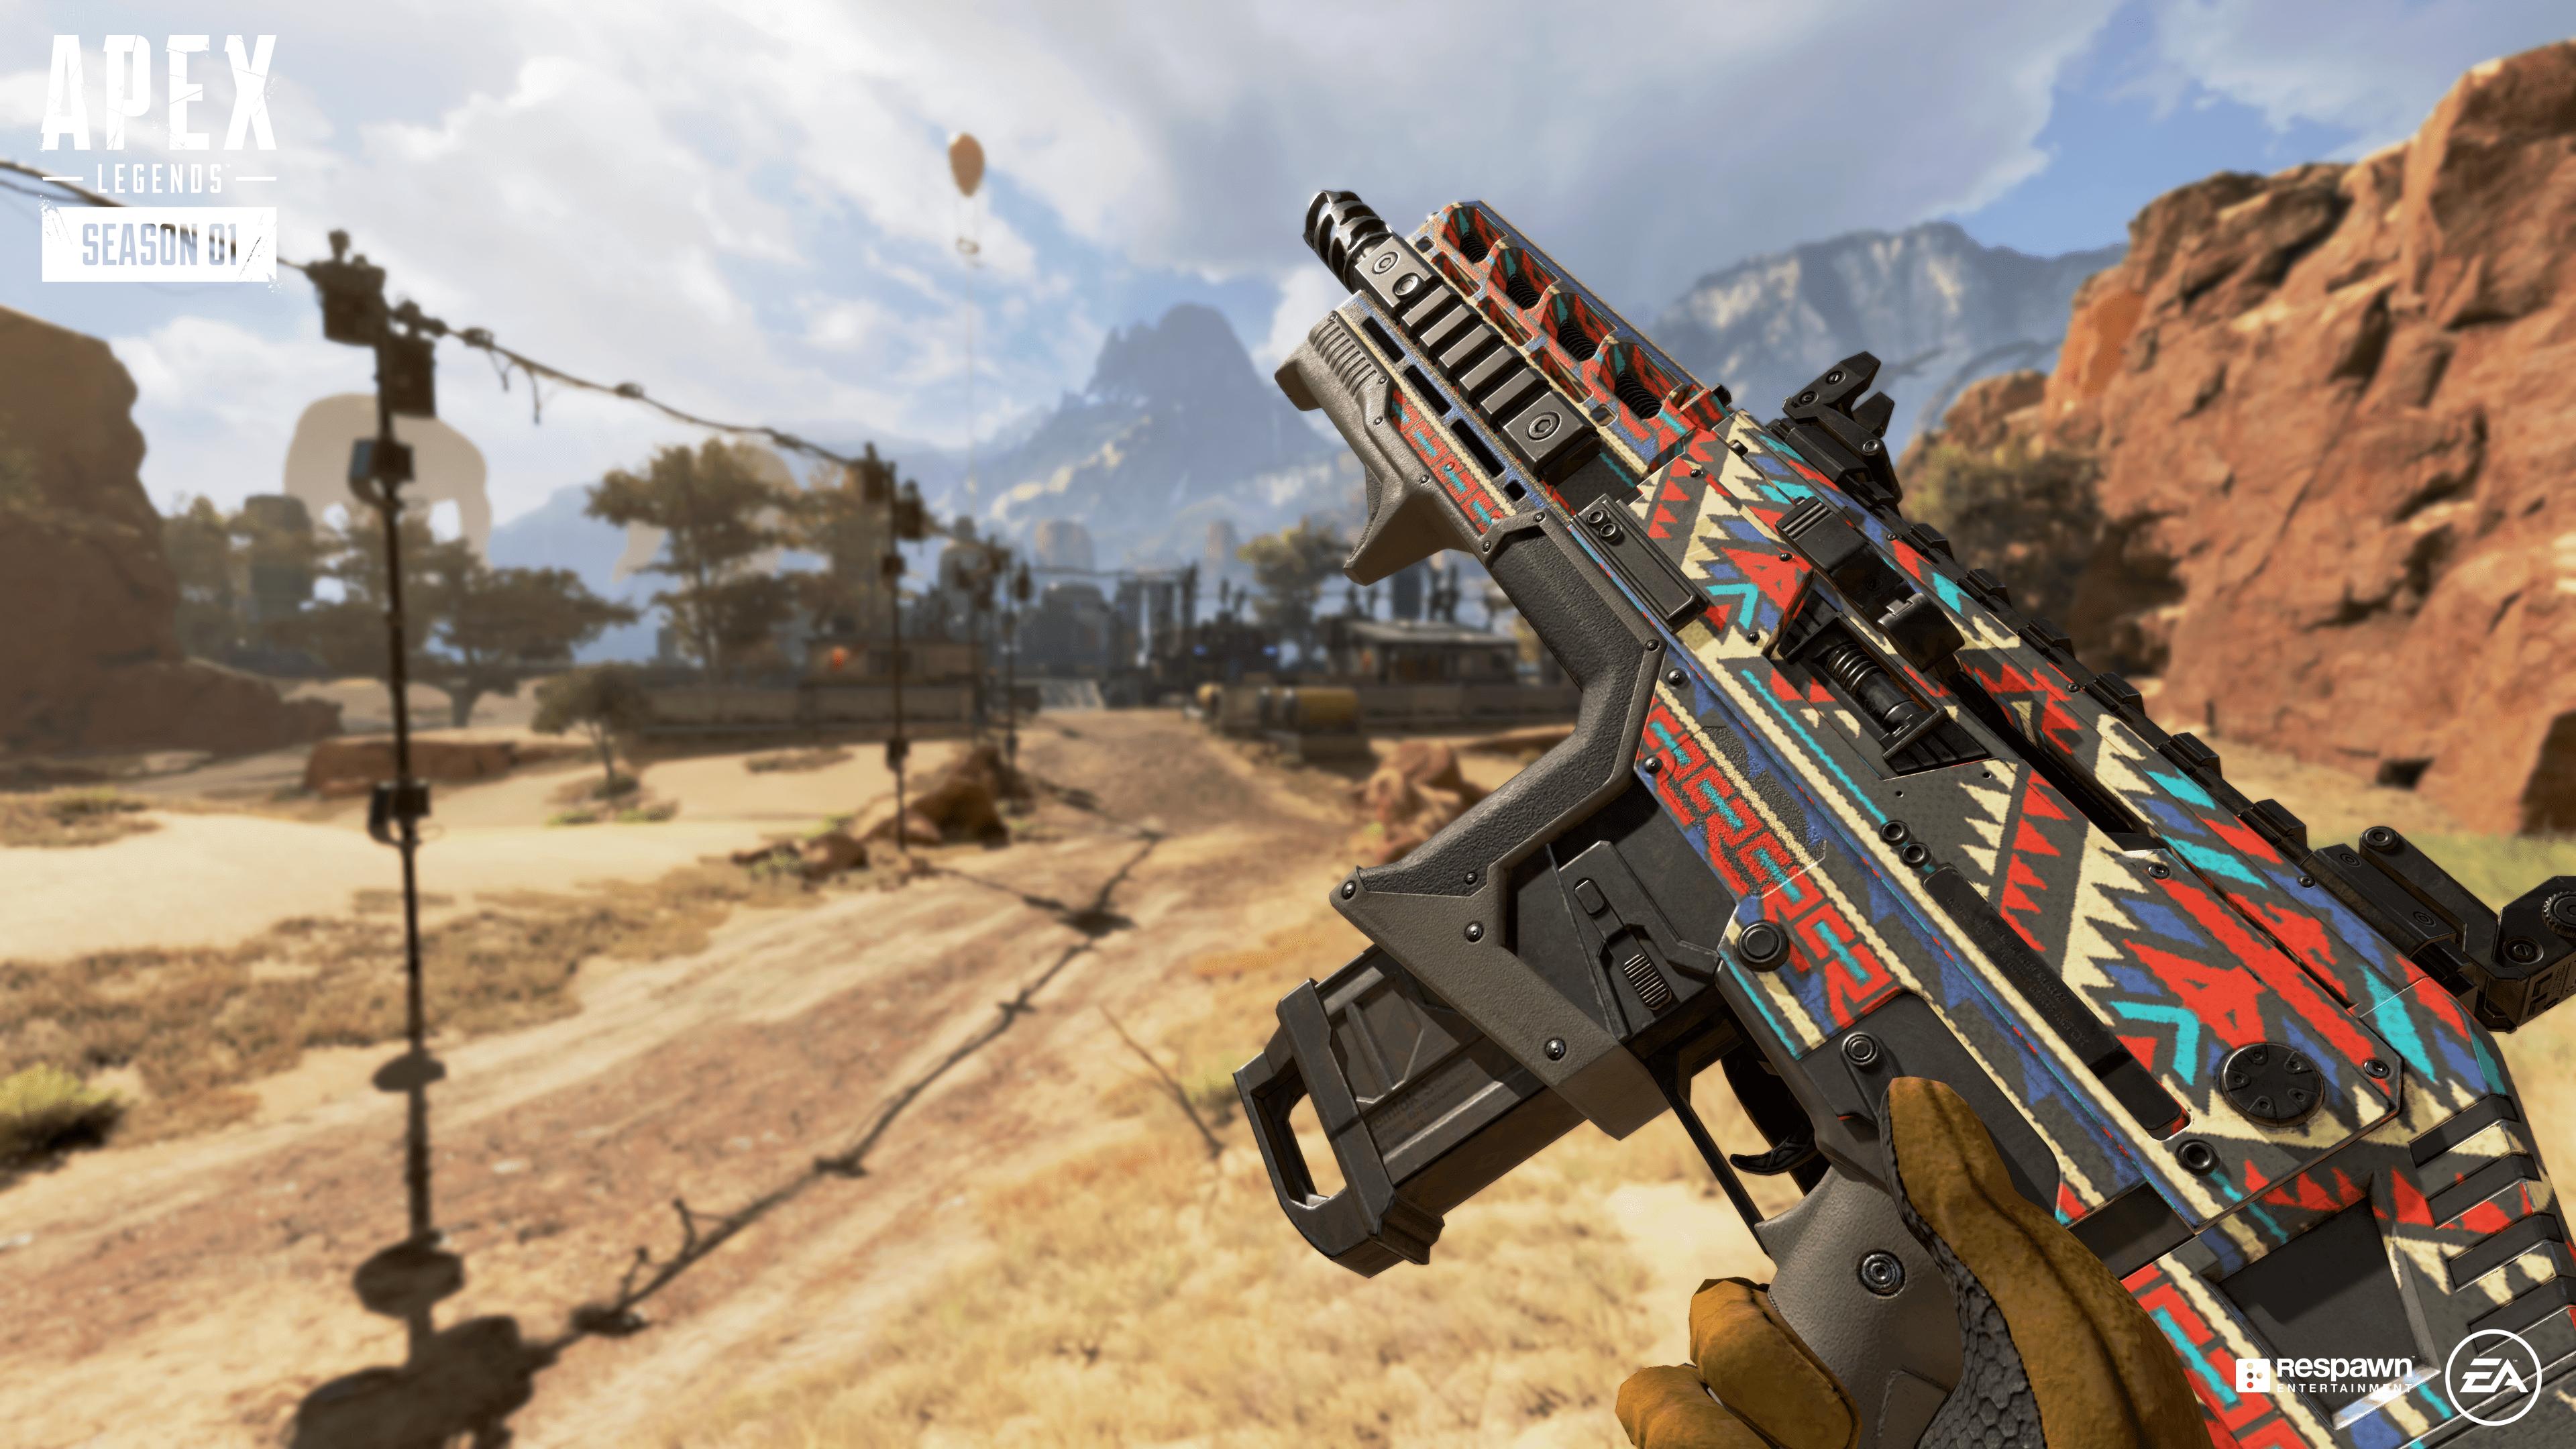 APEX_Legends_Screenshot_Season1_BattlePass_Patchwork_Wep_Skin-min